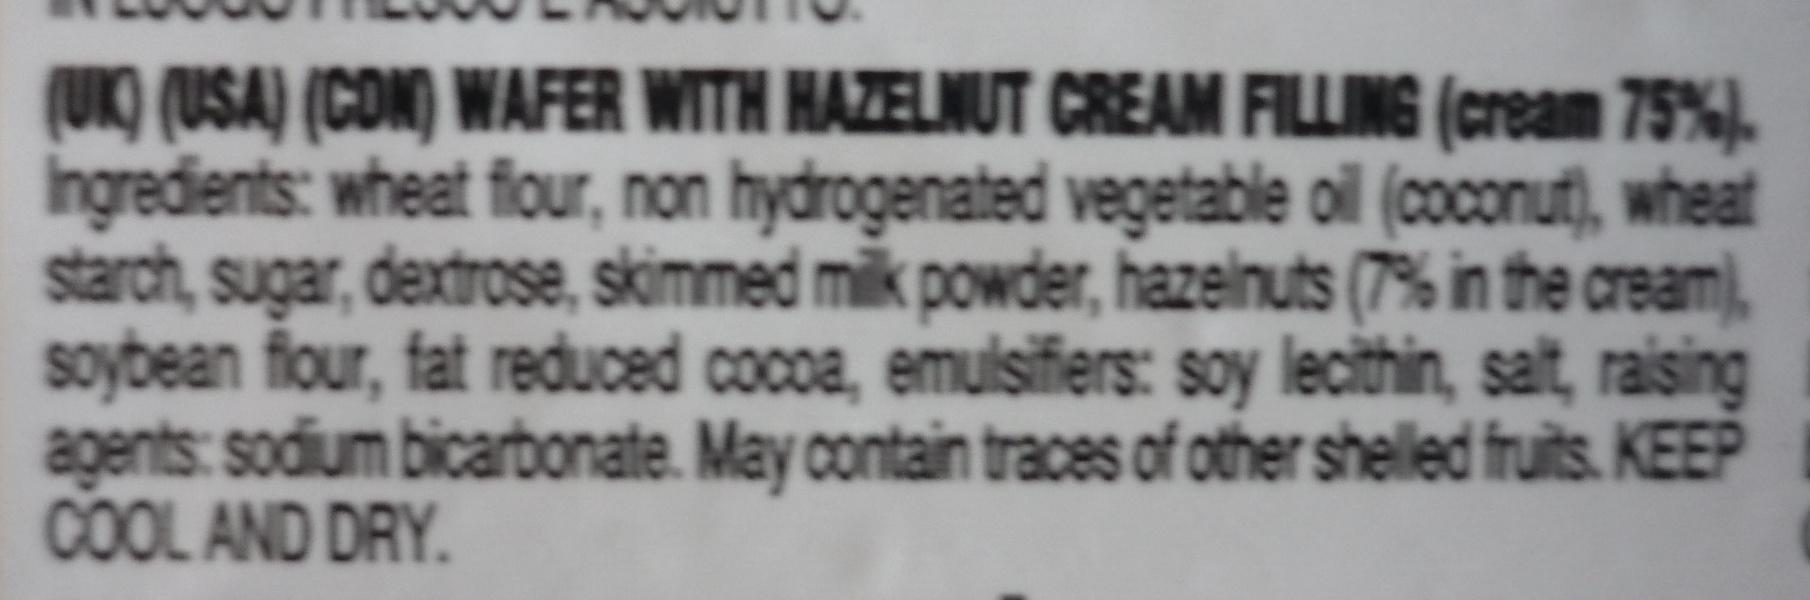 Wafers alla Nocciola - Ingredients